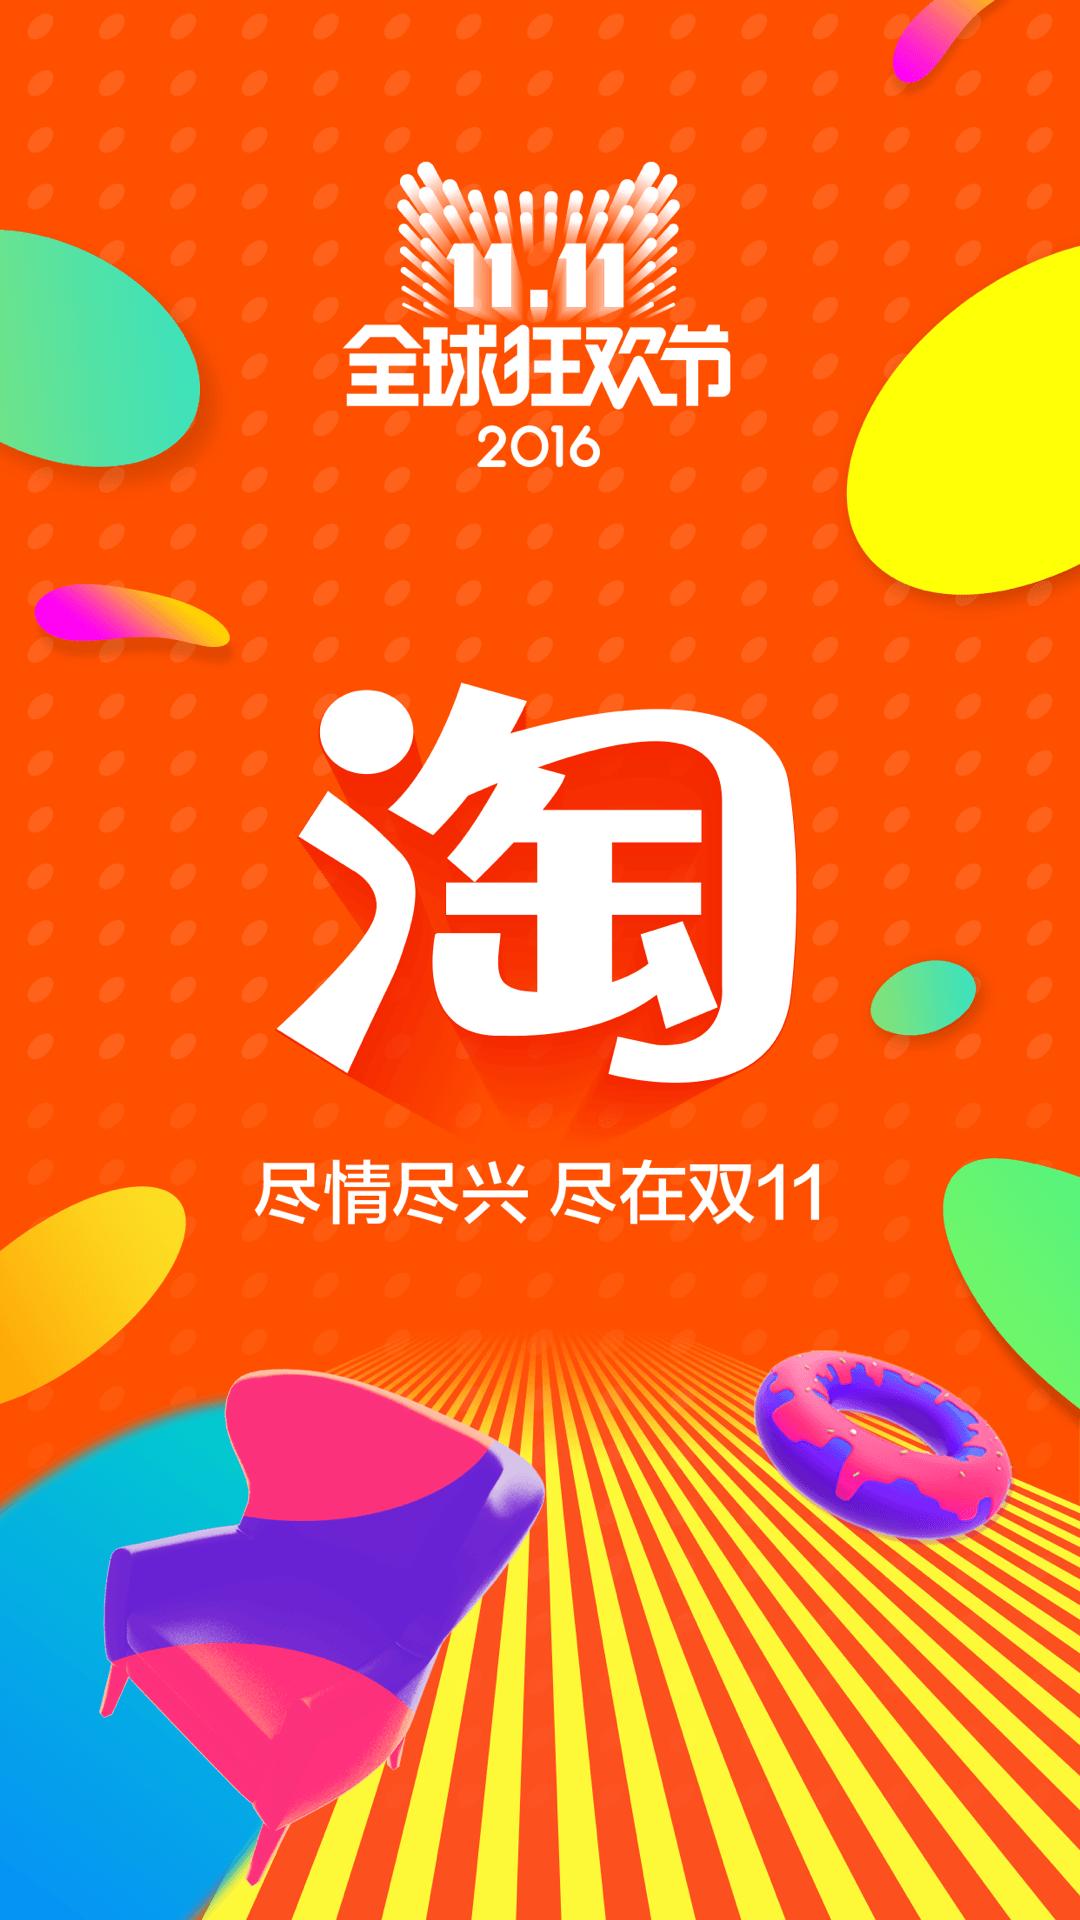 手机淘宝-网上购物-安卓android手机软件下载-nearme